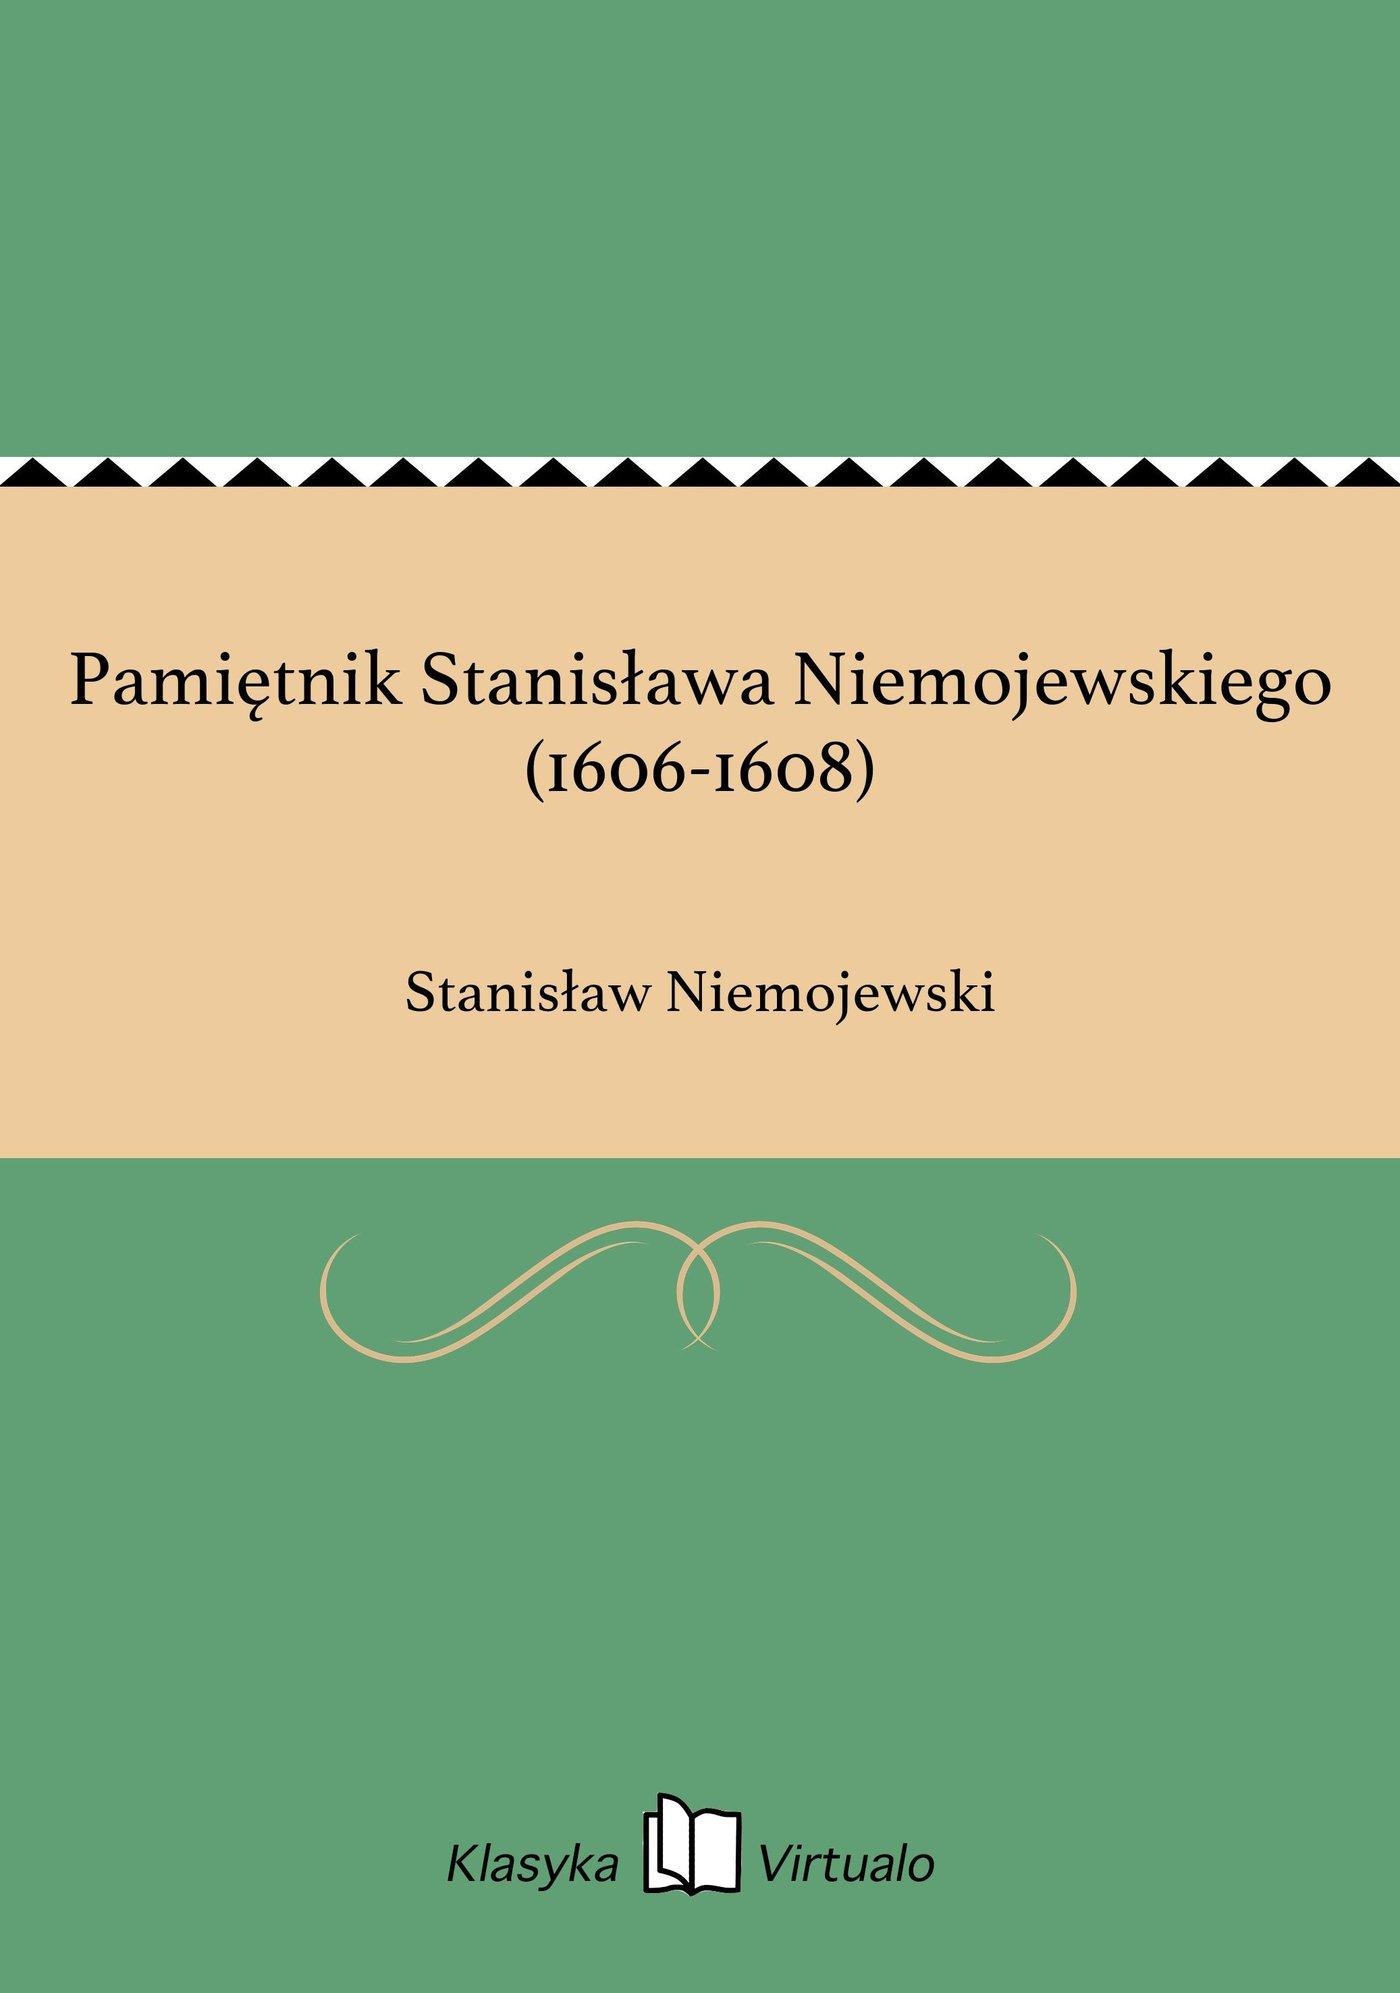 Pamiętnik Stanisława Niemojewskiego (1606-1608) - Ebook (Książka EPUB) do pobrania w formacie EPUB